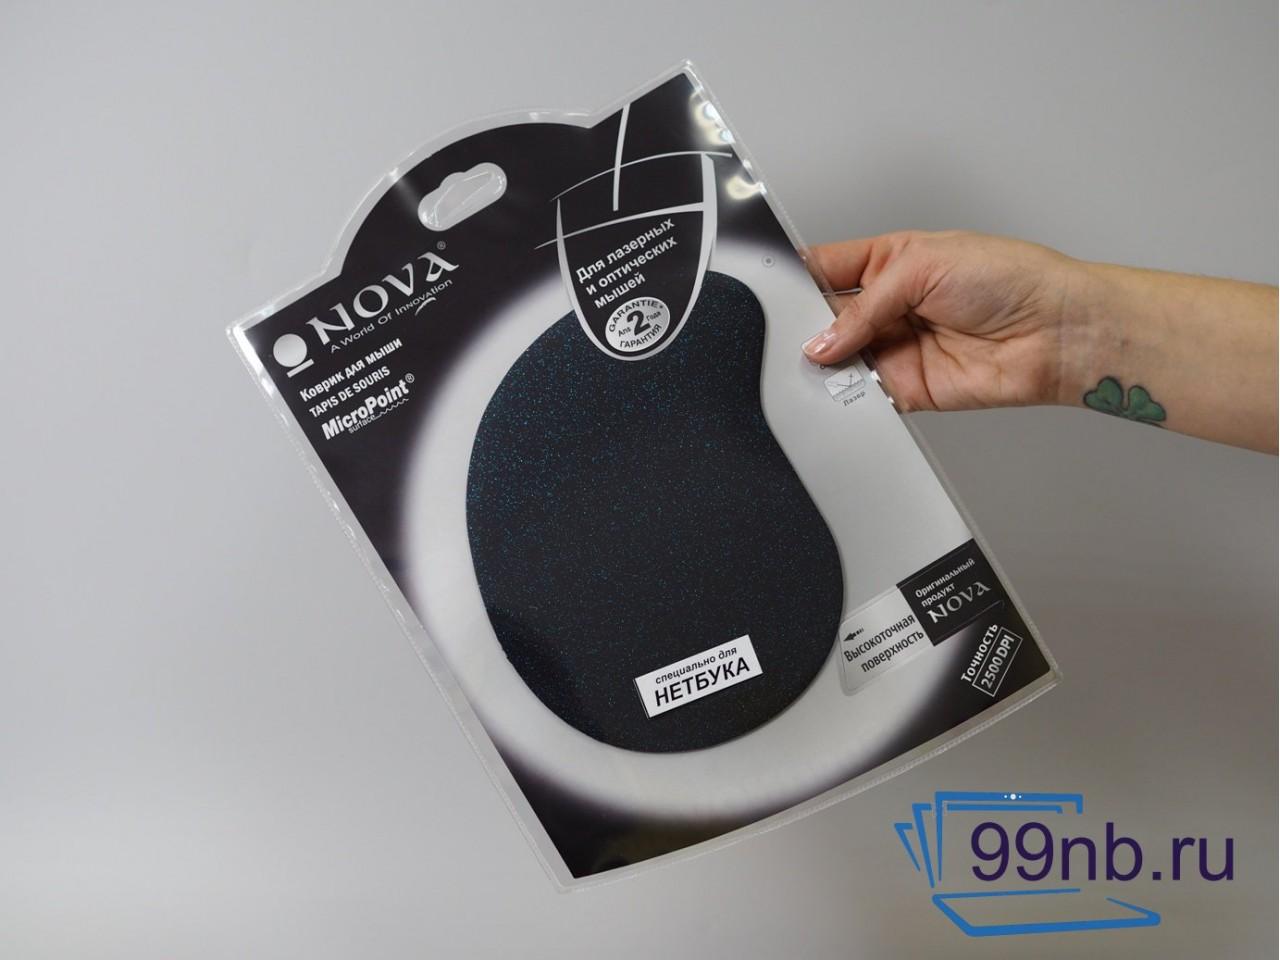 Коврик для мыши nova